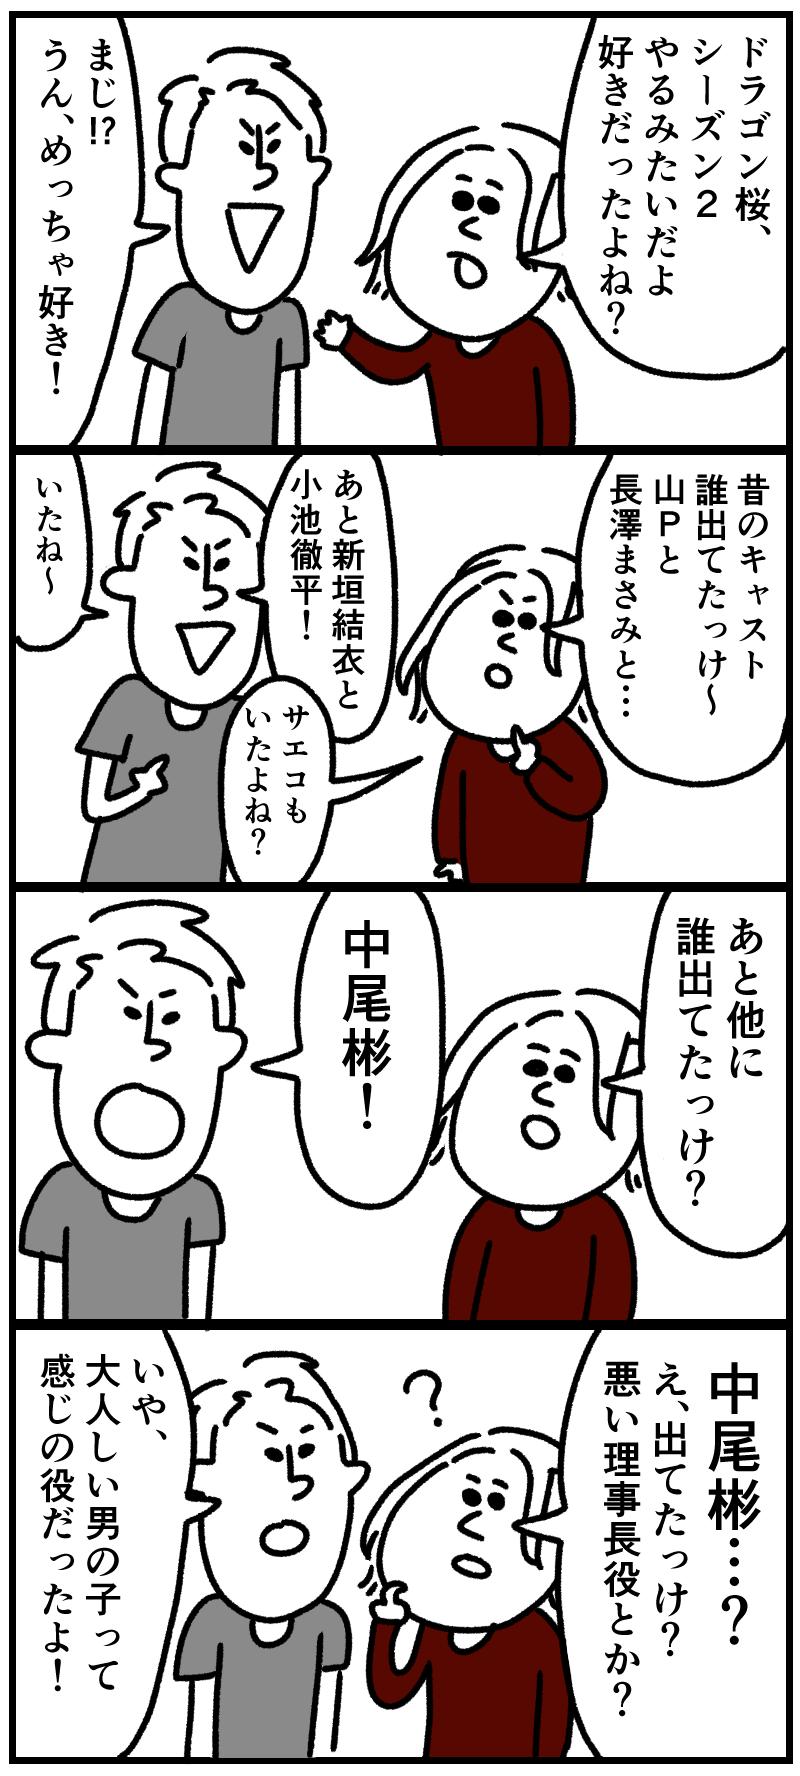 ドラゴン桜のキャスト_f0346353_22183667.png